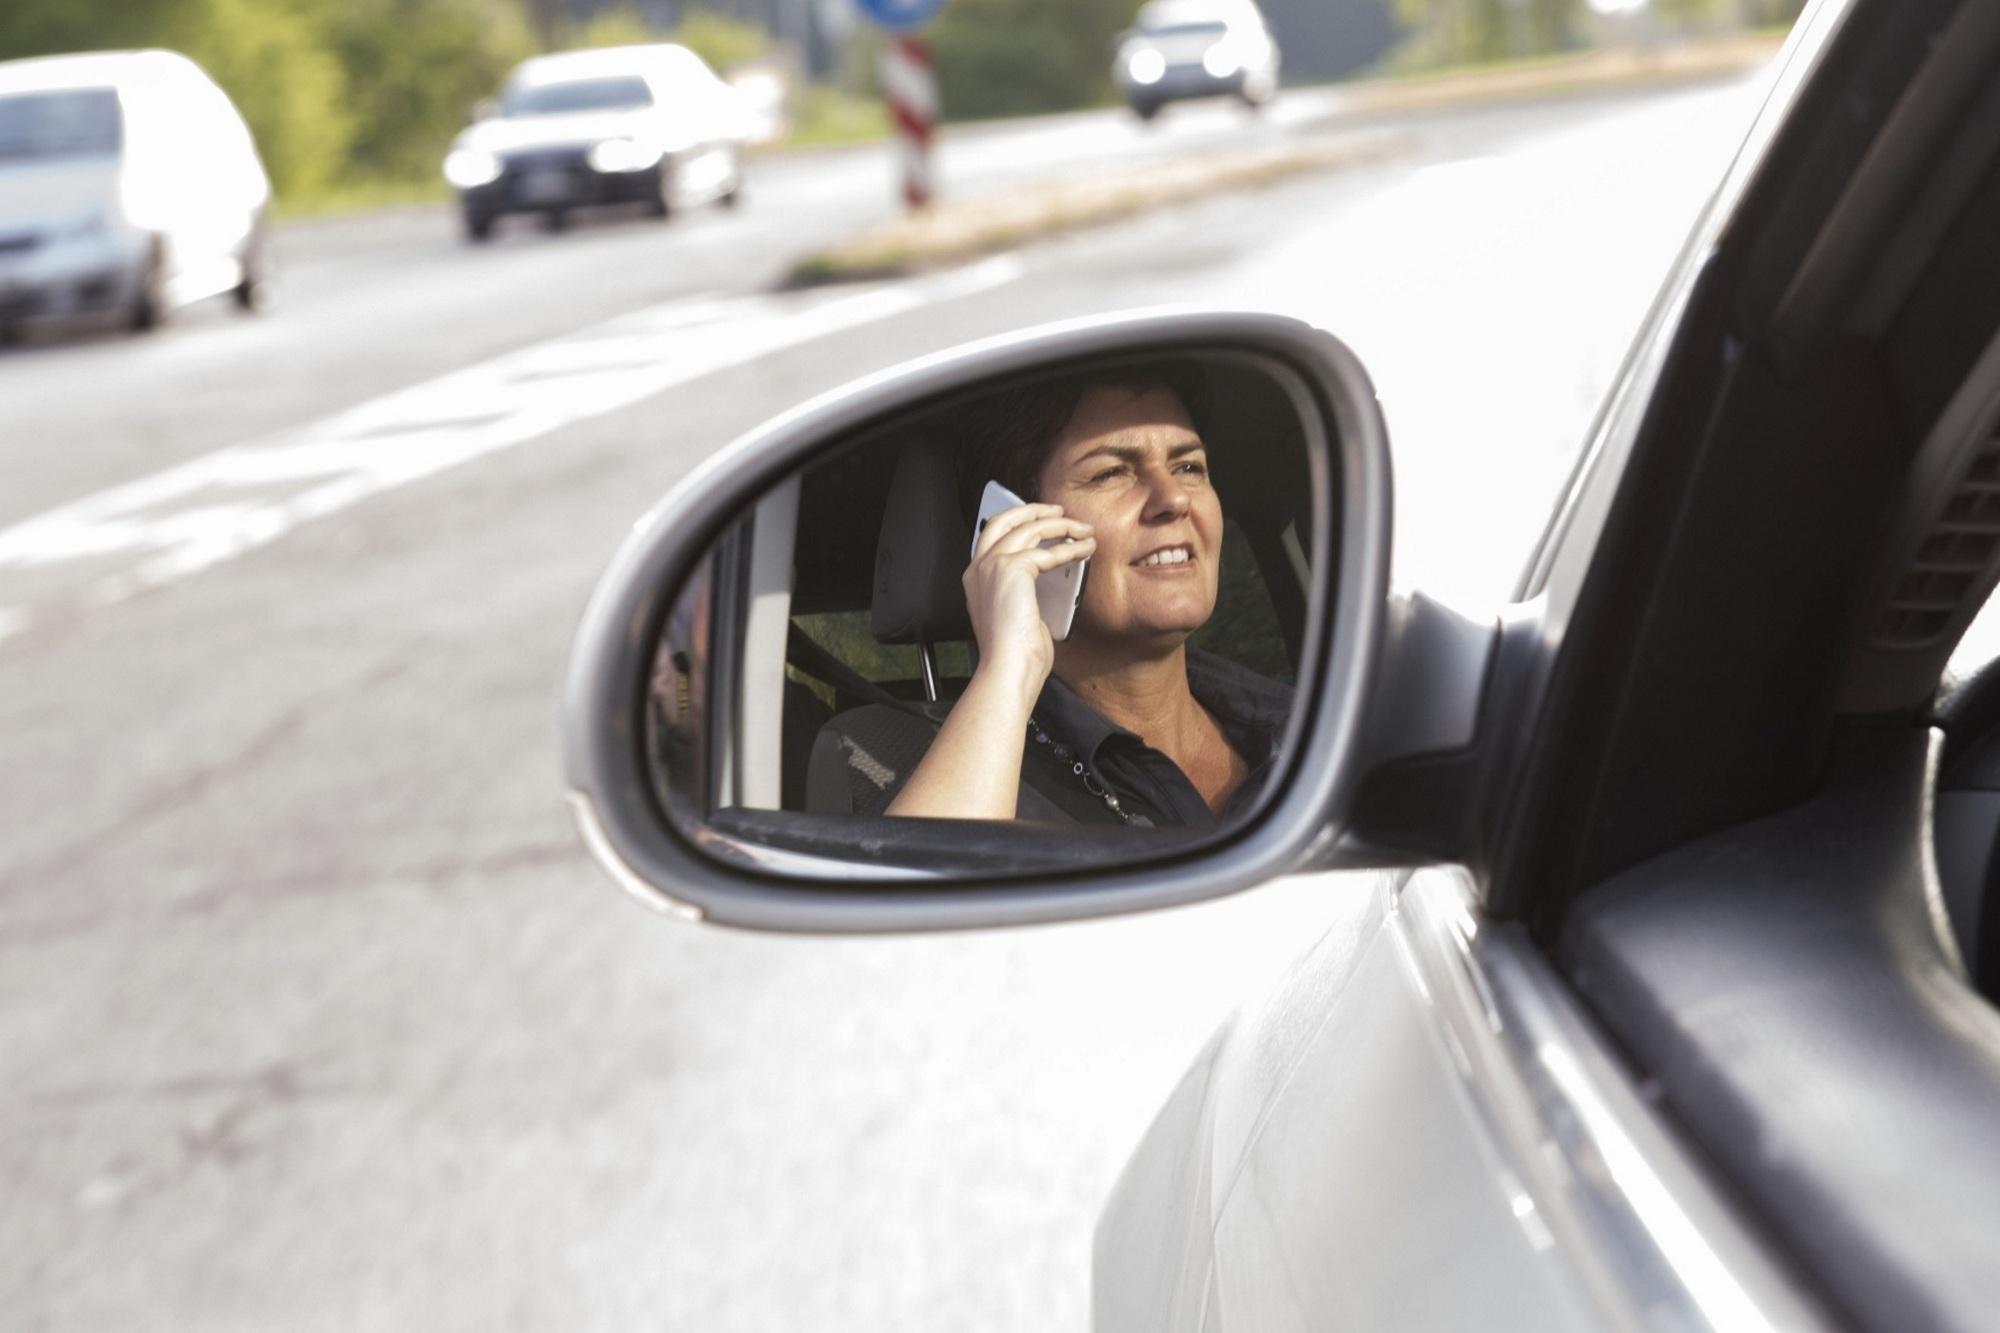 Recht: Telefonieren am Steuer - Handy am Ohr im Auto erlaubt – mit Start-Stopp-Funktion